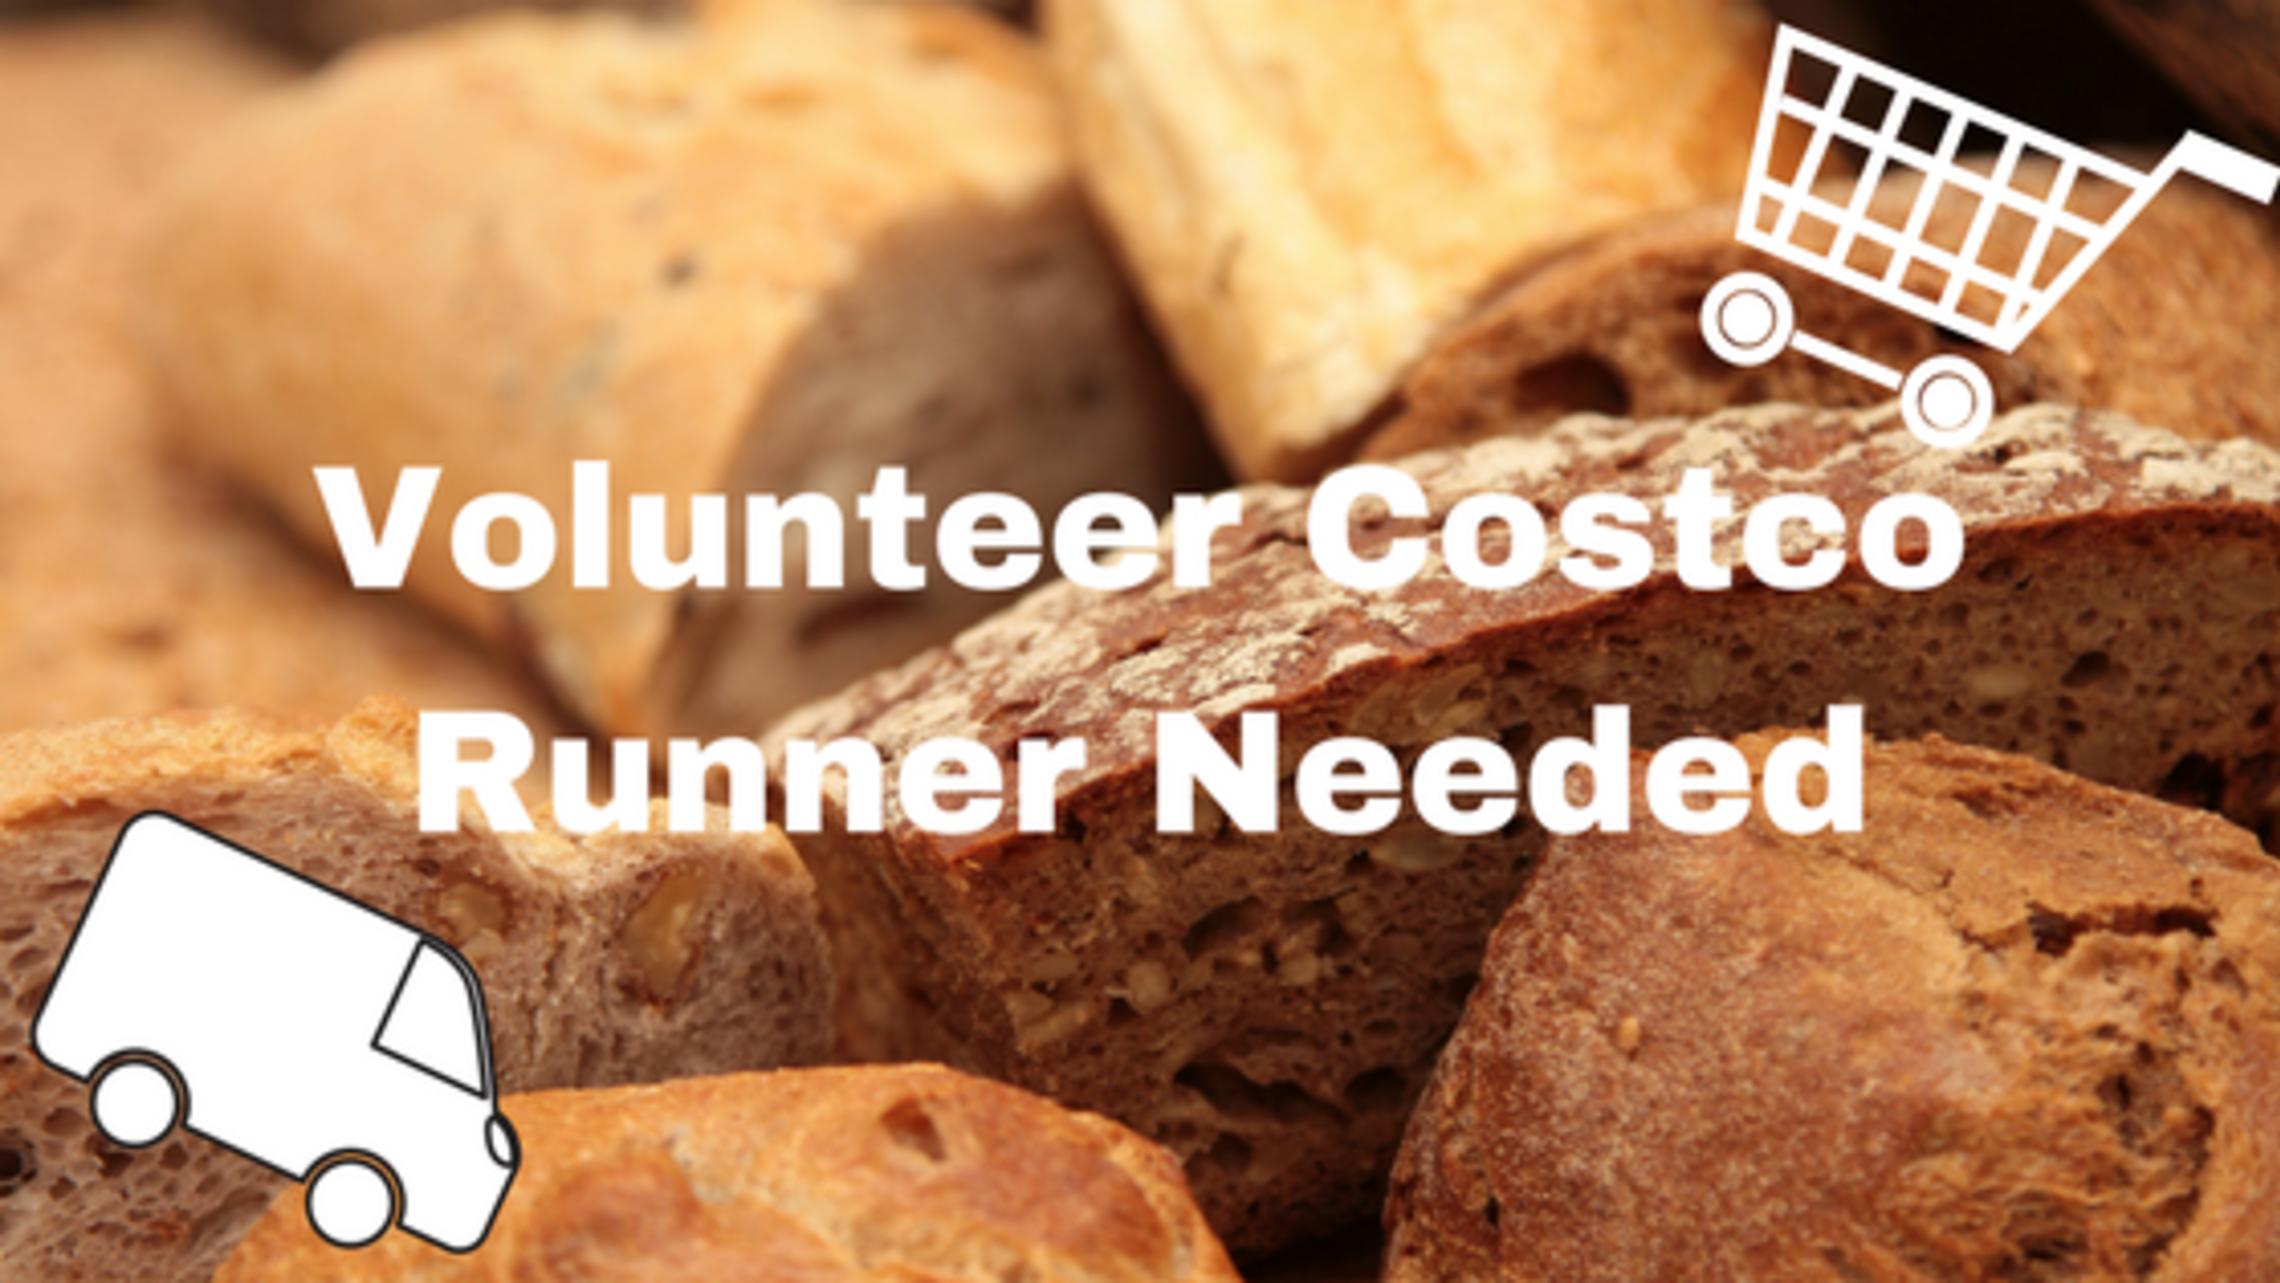 Volunteer Costco Runner Needed